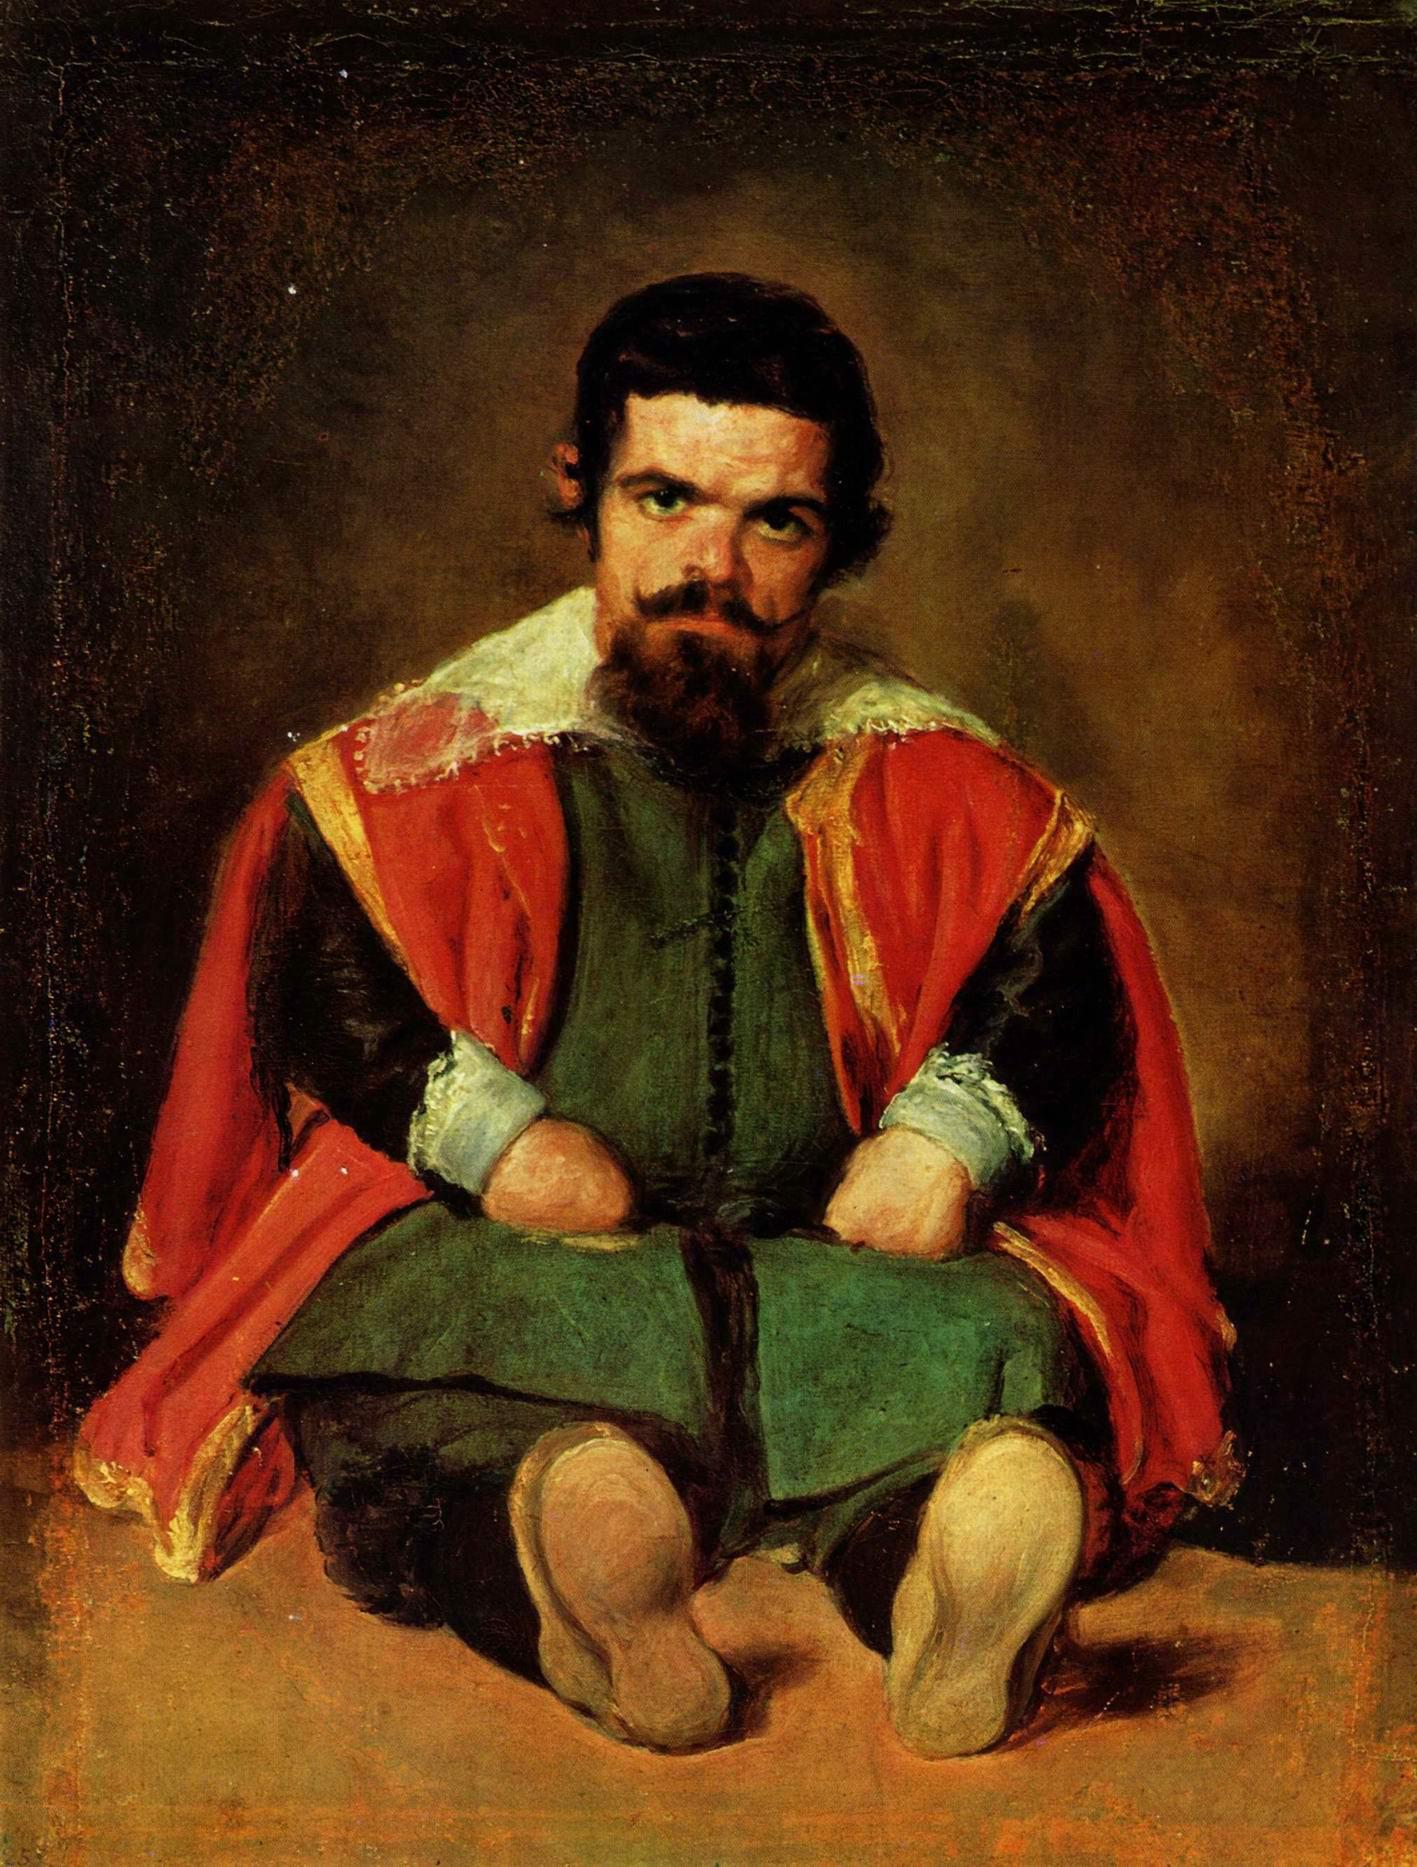 Портрет придворного шута (Себастьяна Морры2a28, Диего Веласкес